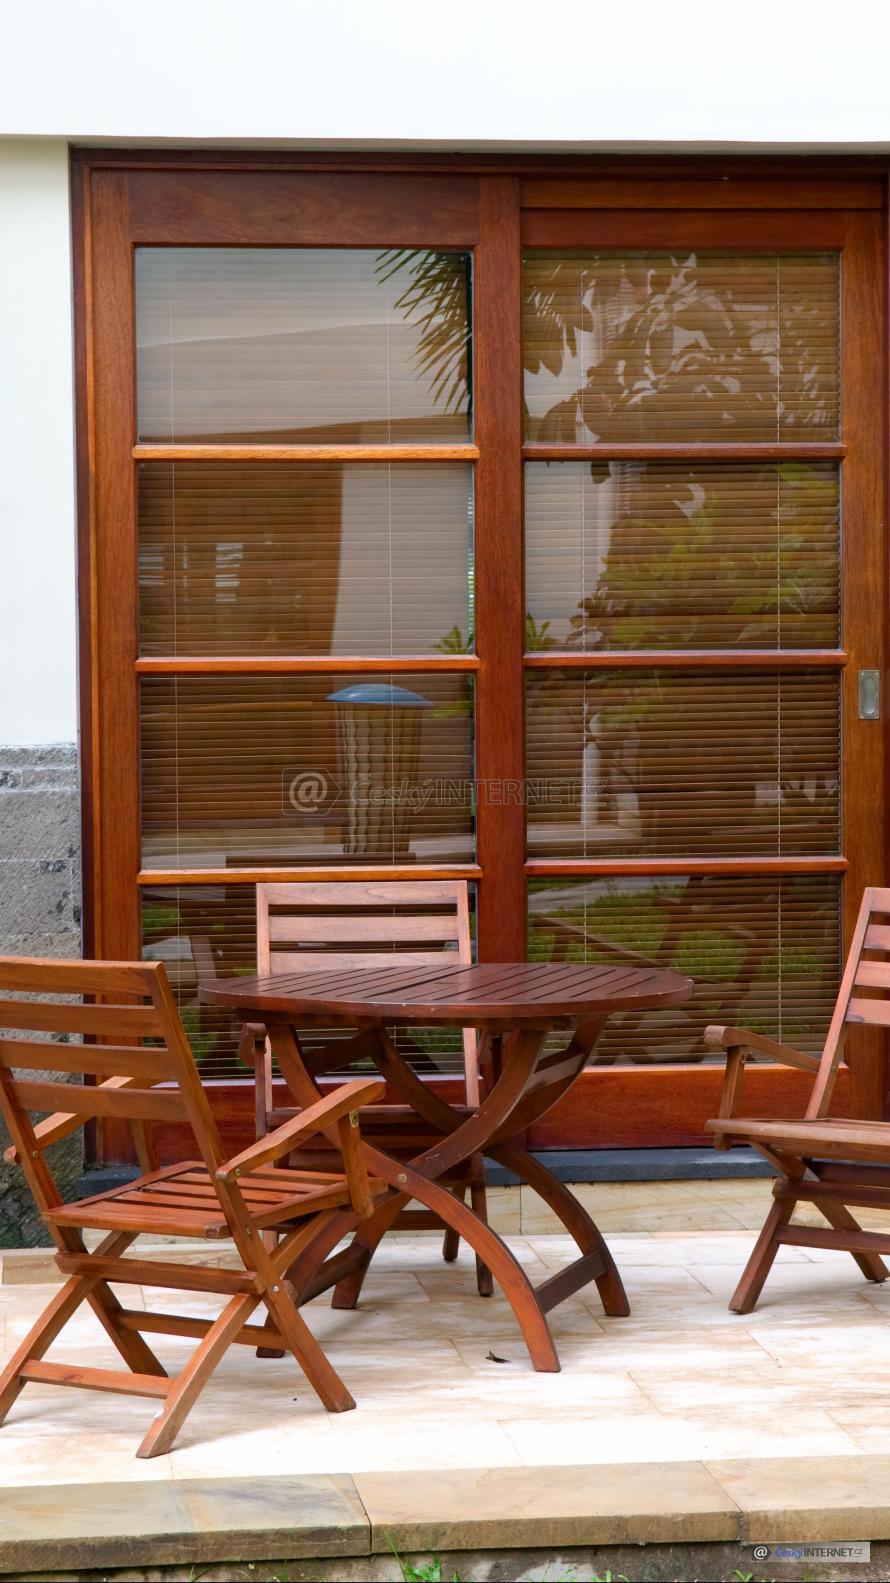 Zahradní nábytek na terase.